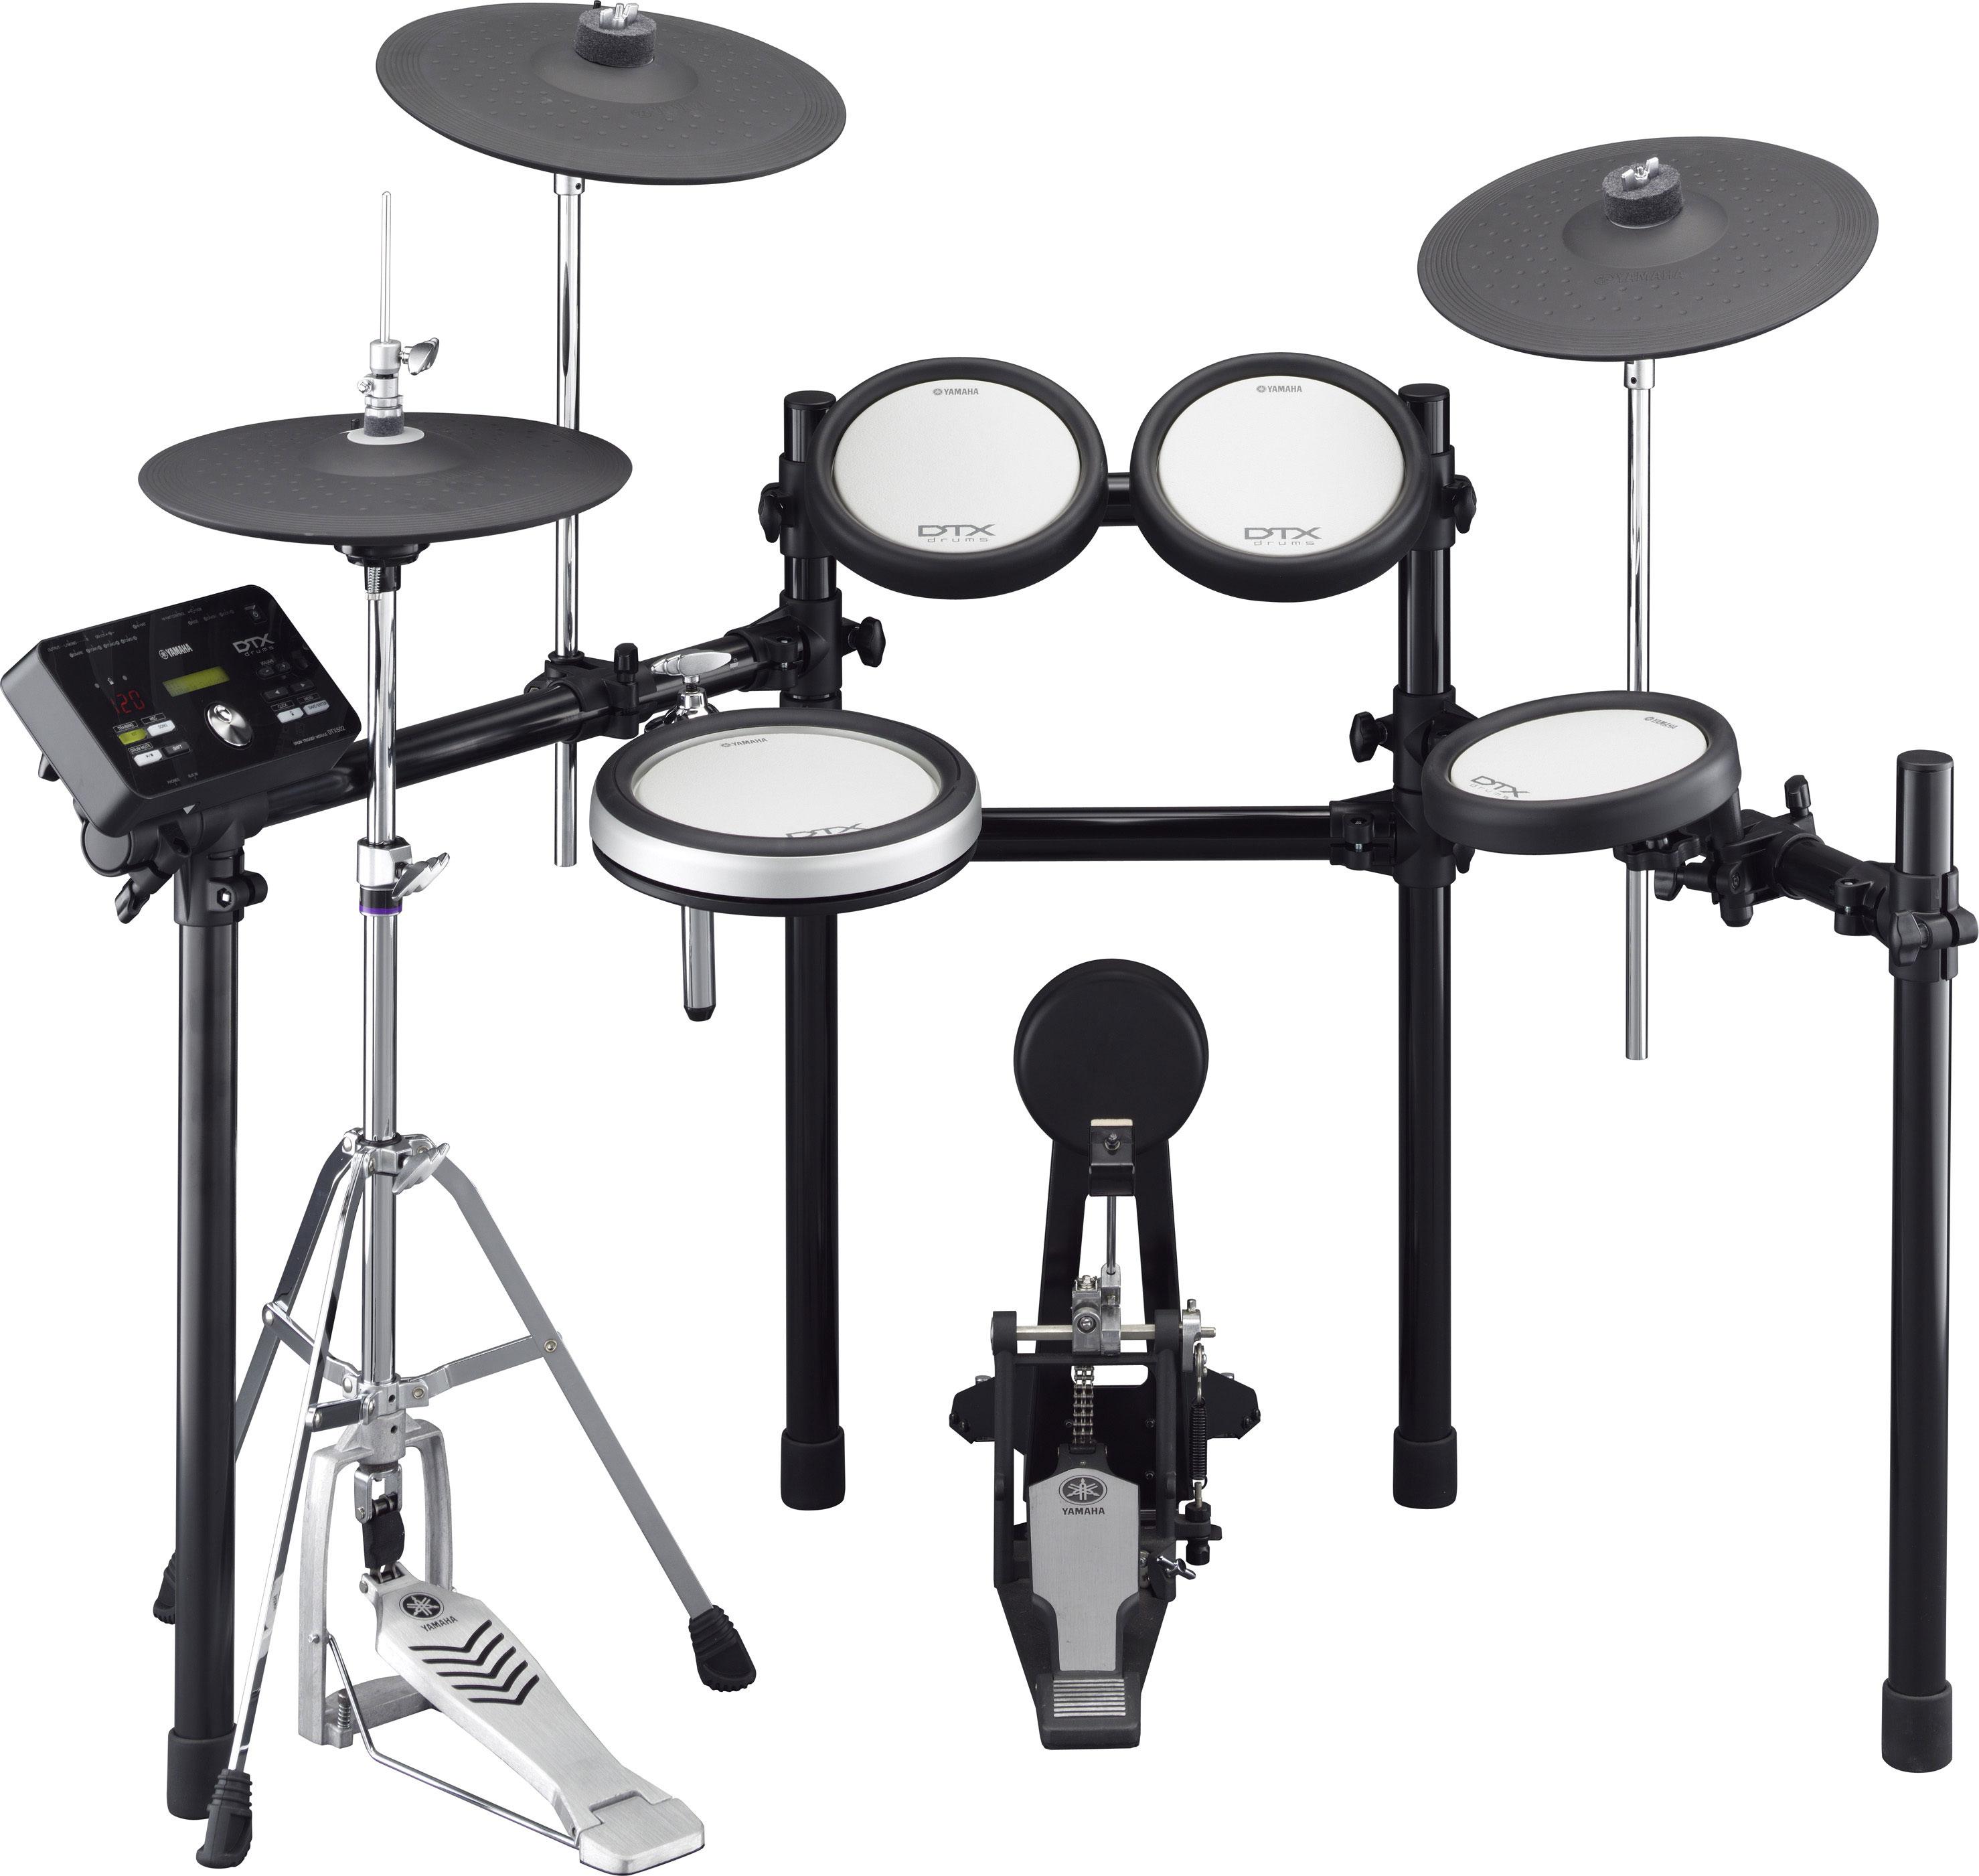 Best Electronic Drum Set -Under $500, Under $1000, Under